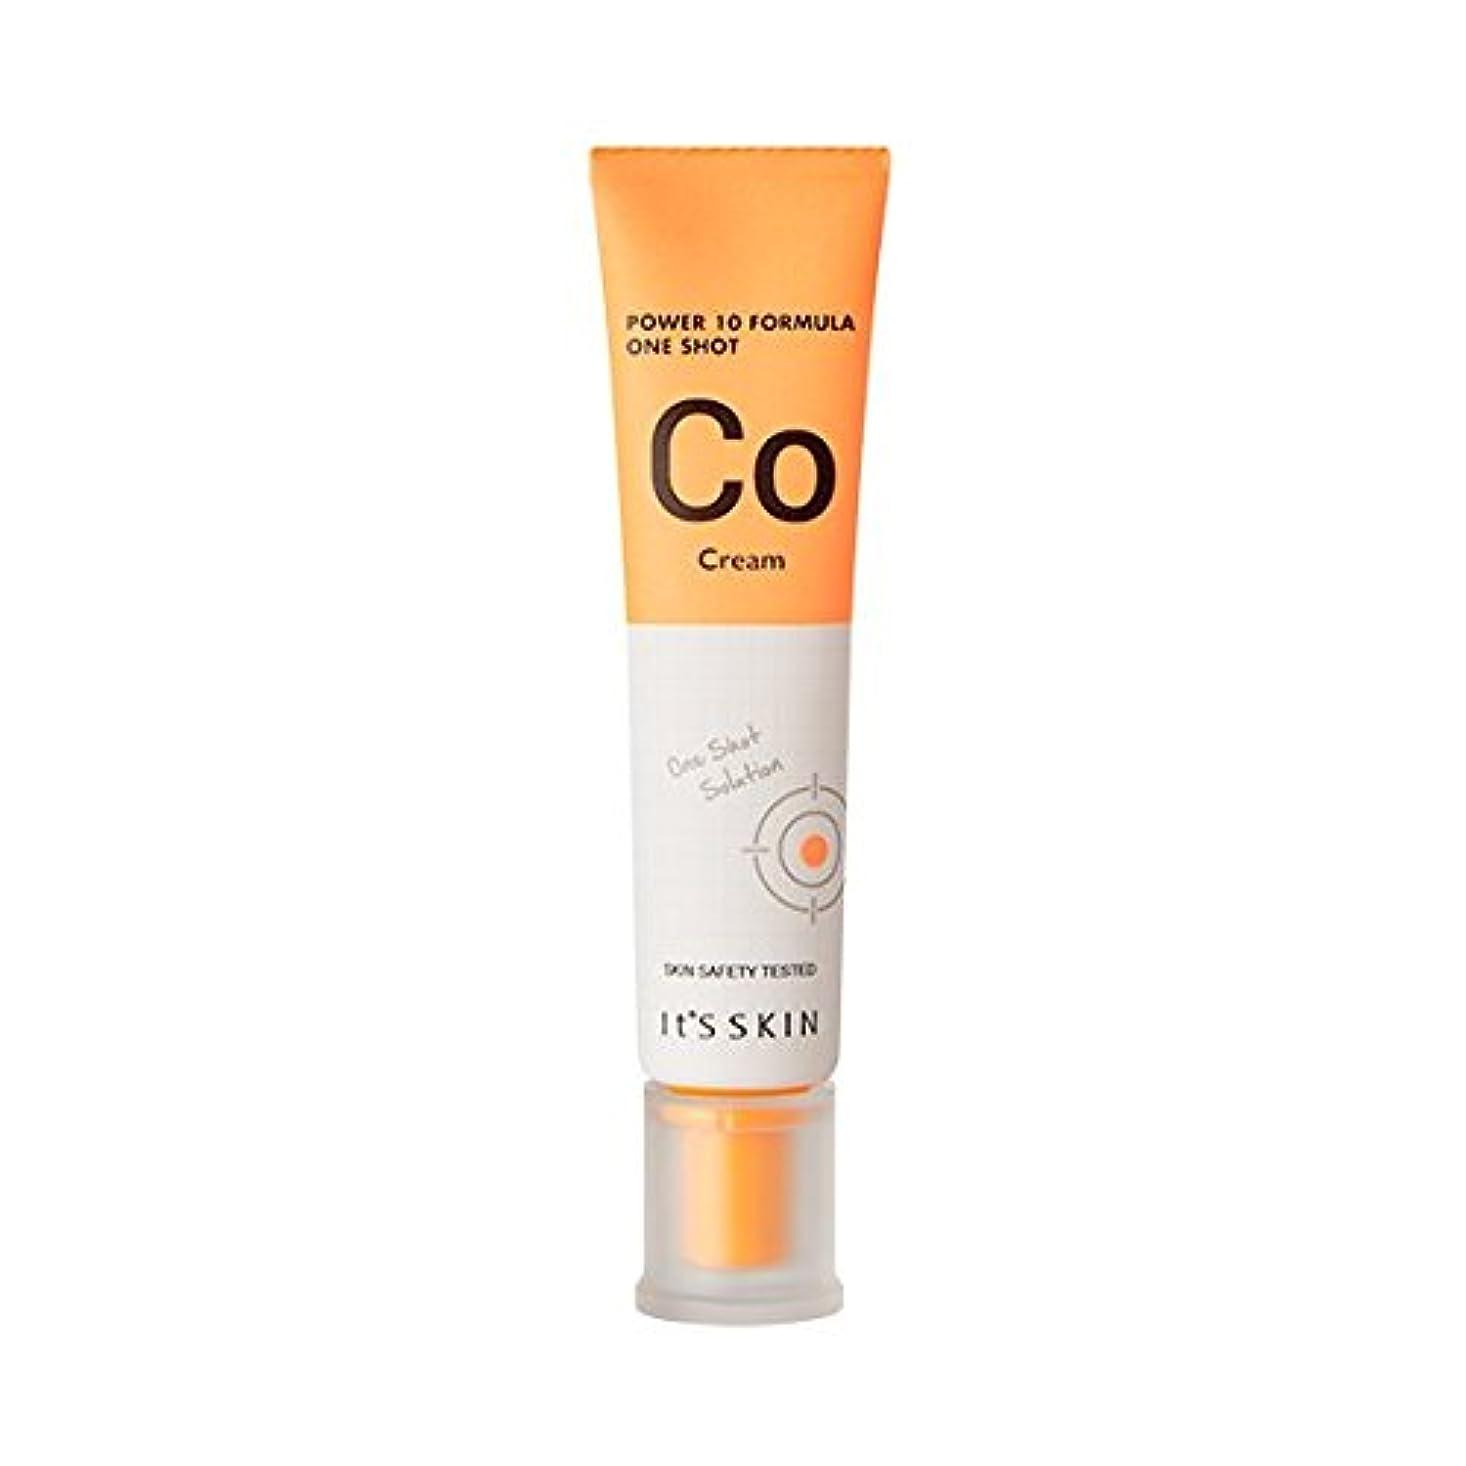 誘導常習者許さない[New] It's Skin Power 10 Formula One Shot Cream (Co) / イッツスキンパワー10 フォーミュラワンショットクリーム [並行輸入品]